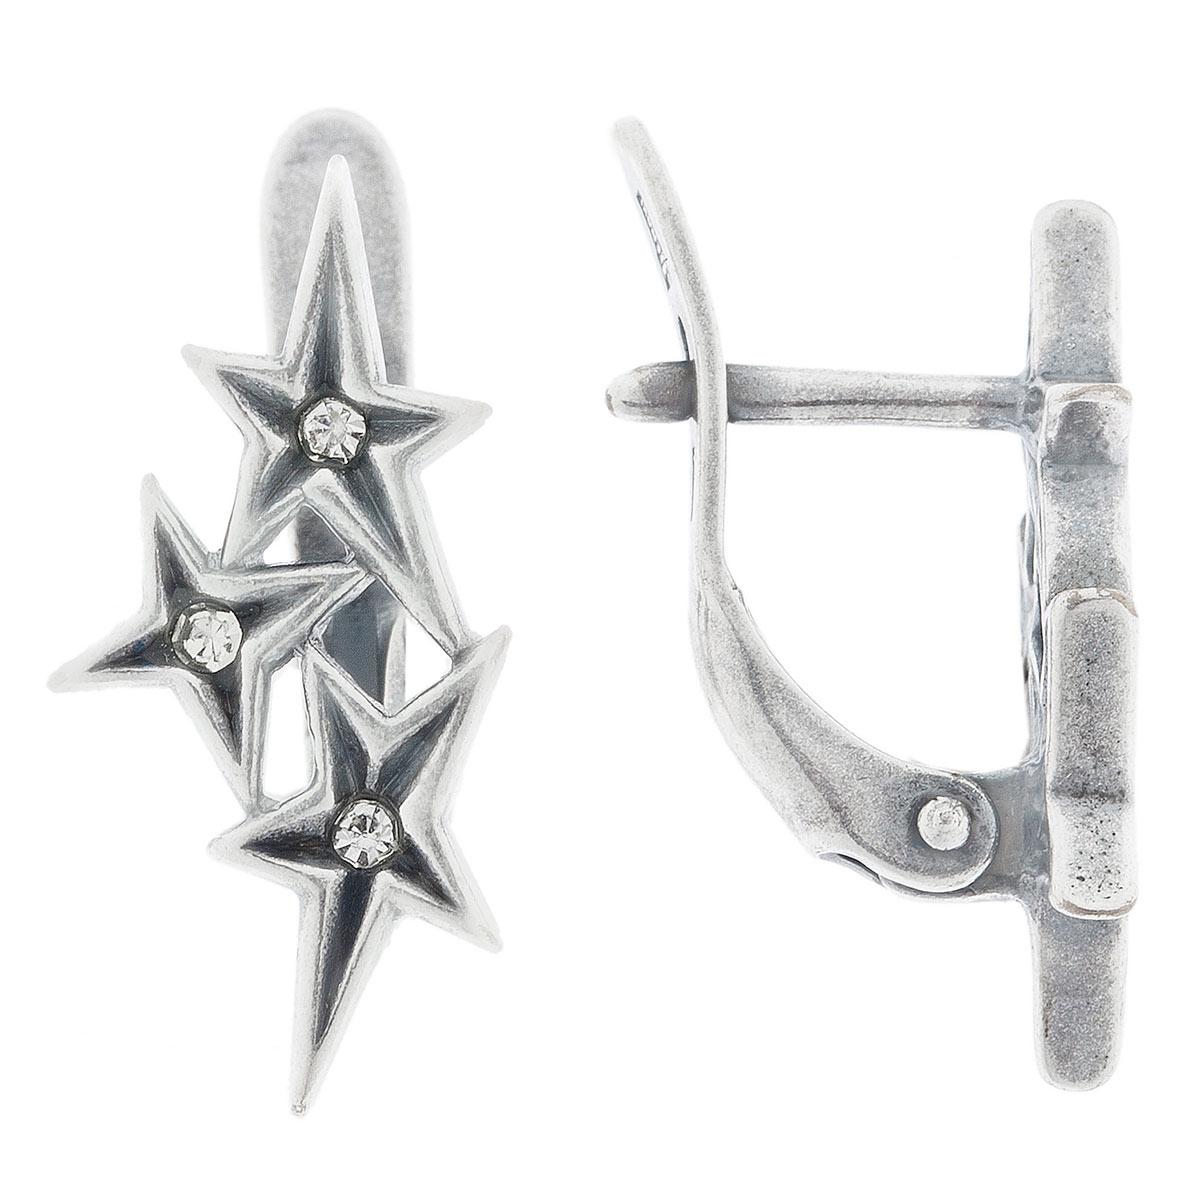 Серьги Jenavi Celebrity. Асцелла, цвет: серебро, белый. e0603100e0603100Коллекция Celebrity, Асцелла (Серьги) гипоаллергенный ювелирный сплав,Черненое серебро, вставка Кристаллы Swarovski , цвет - серебро, белый